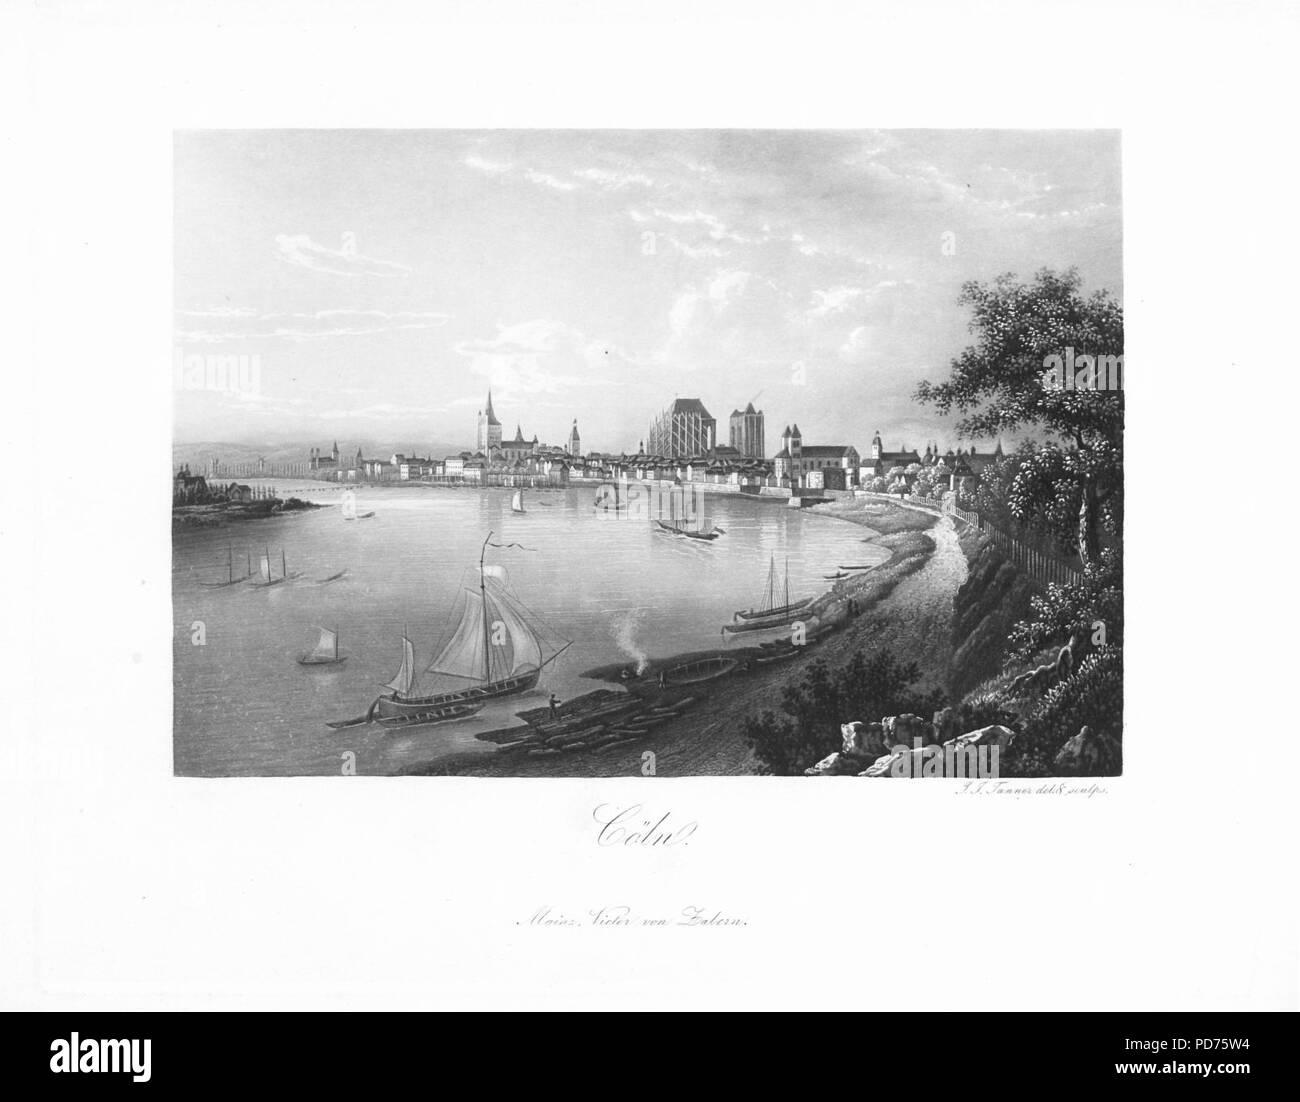 Andenken an den Rhein (1840) 026. - Stock Image